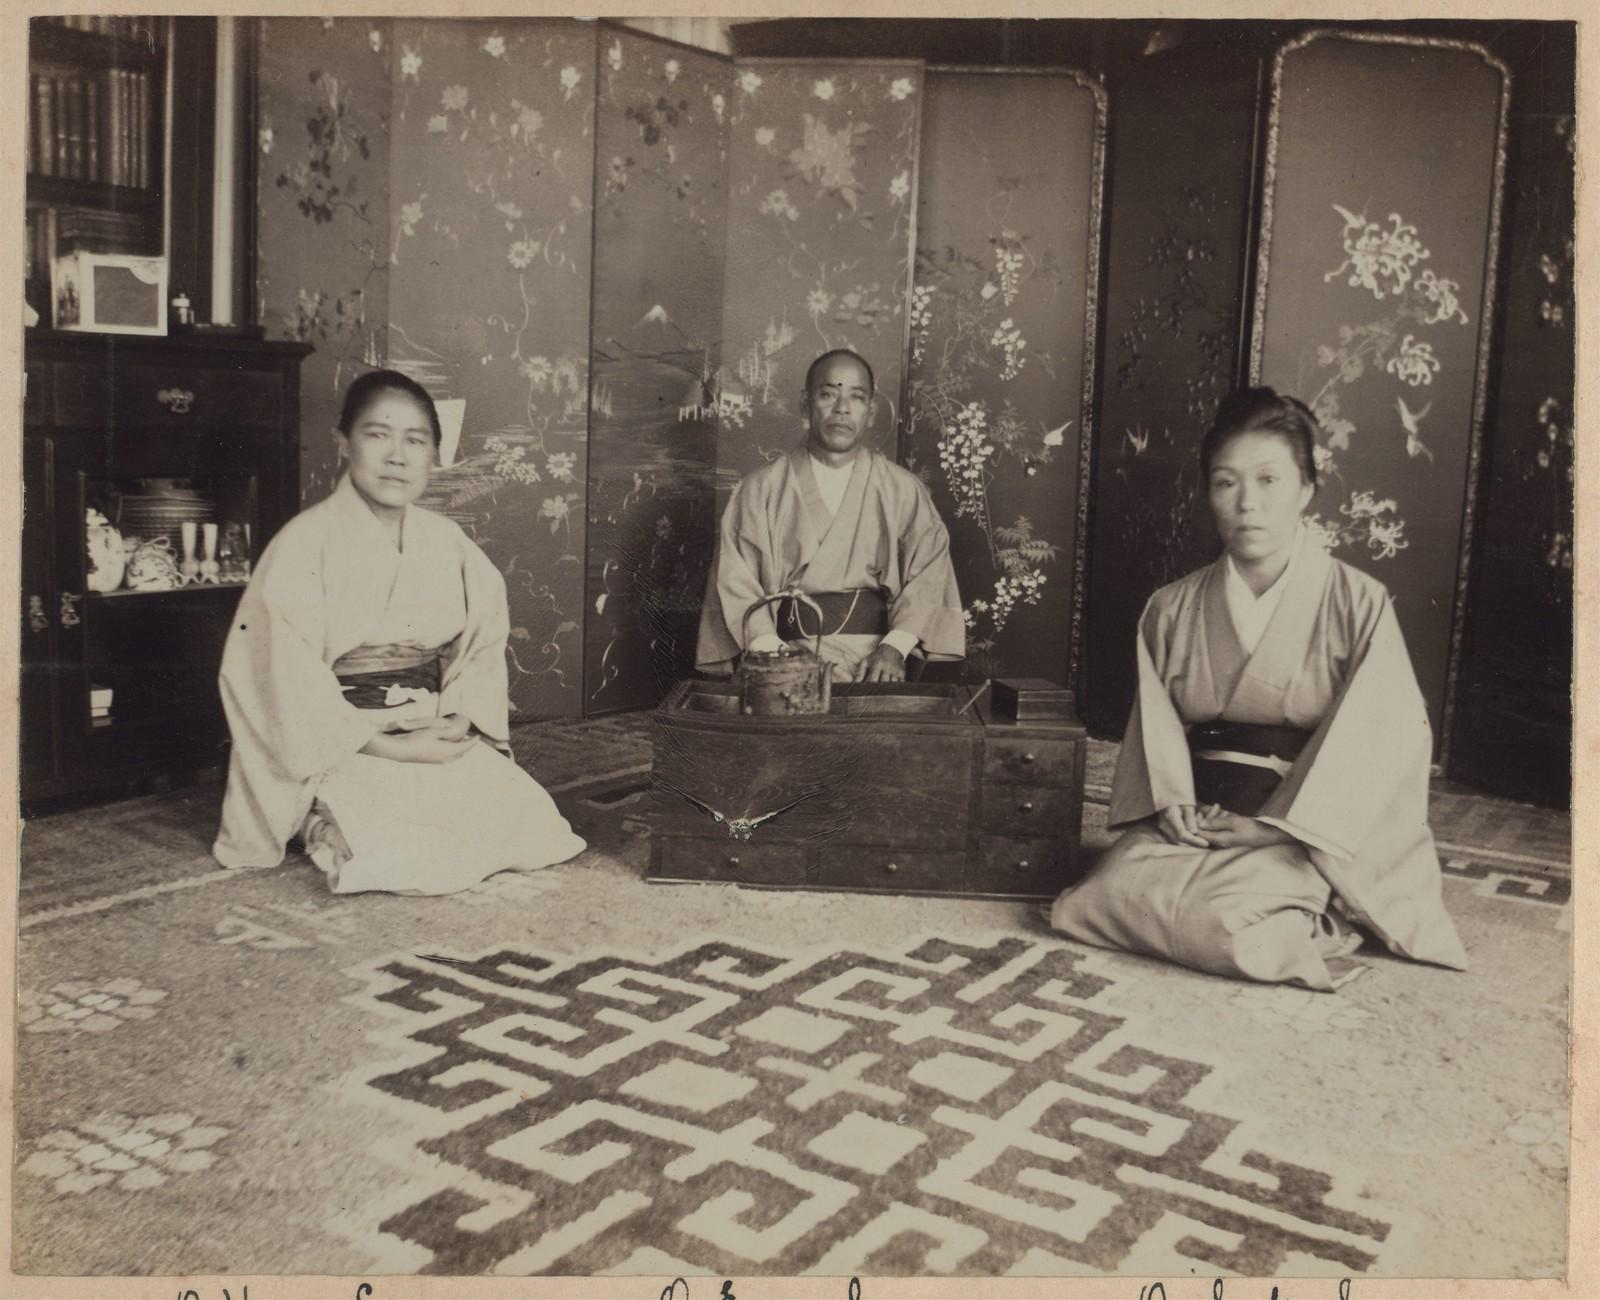 Японские слуги с чайными принадлежностями в комнате на веранде, Дом Смитов